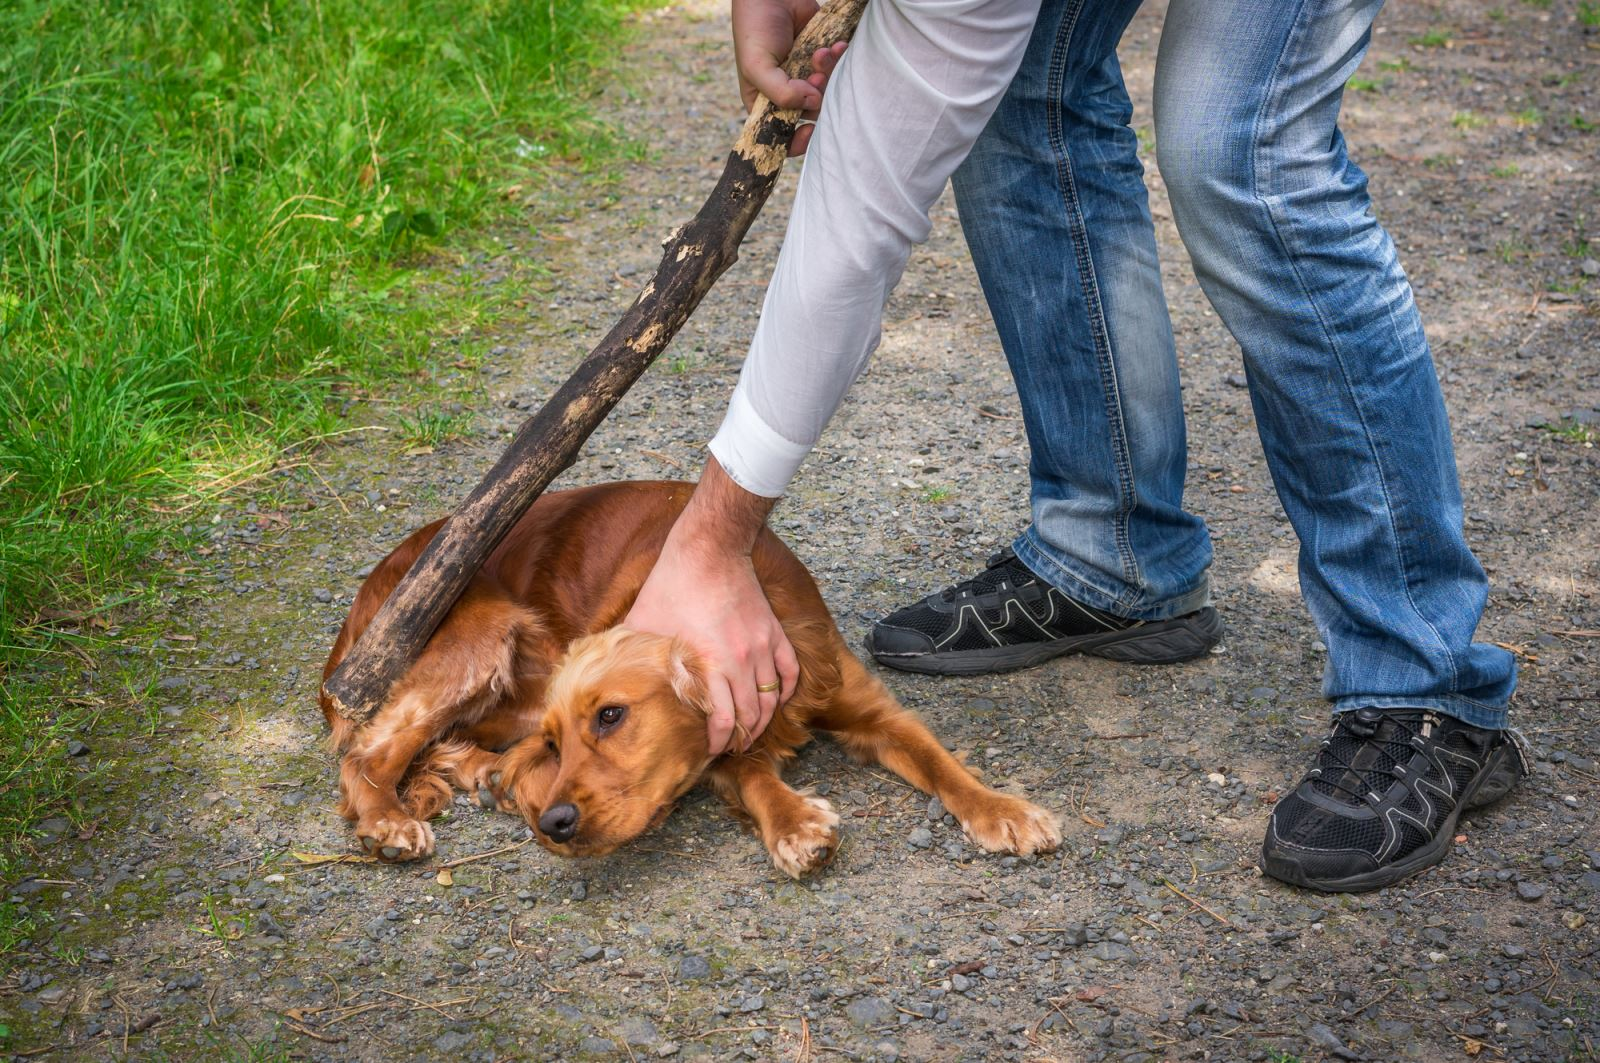 זה העונש שנגזר על הורג כלב בבעיטות אכזריות